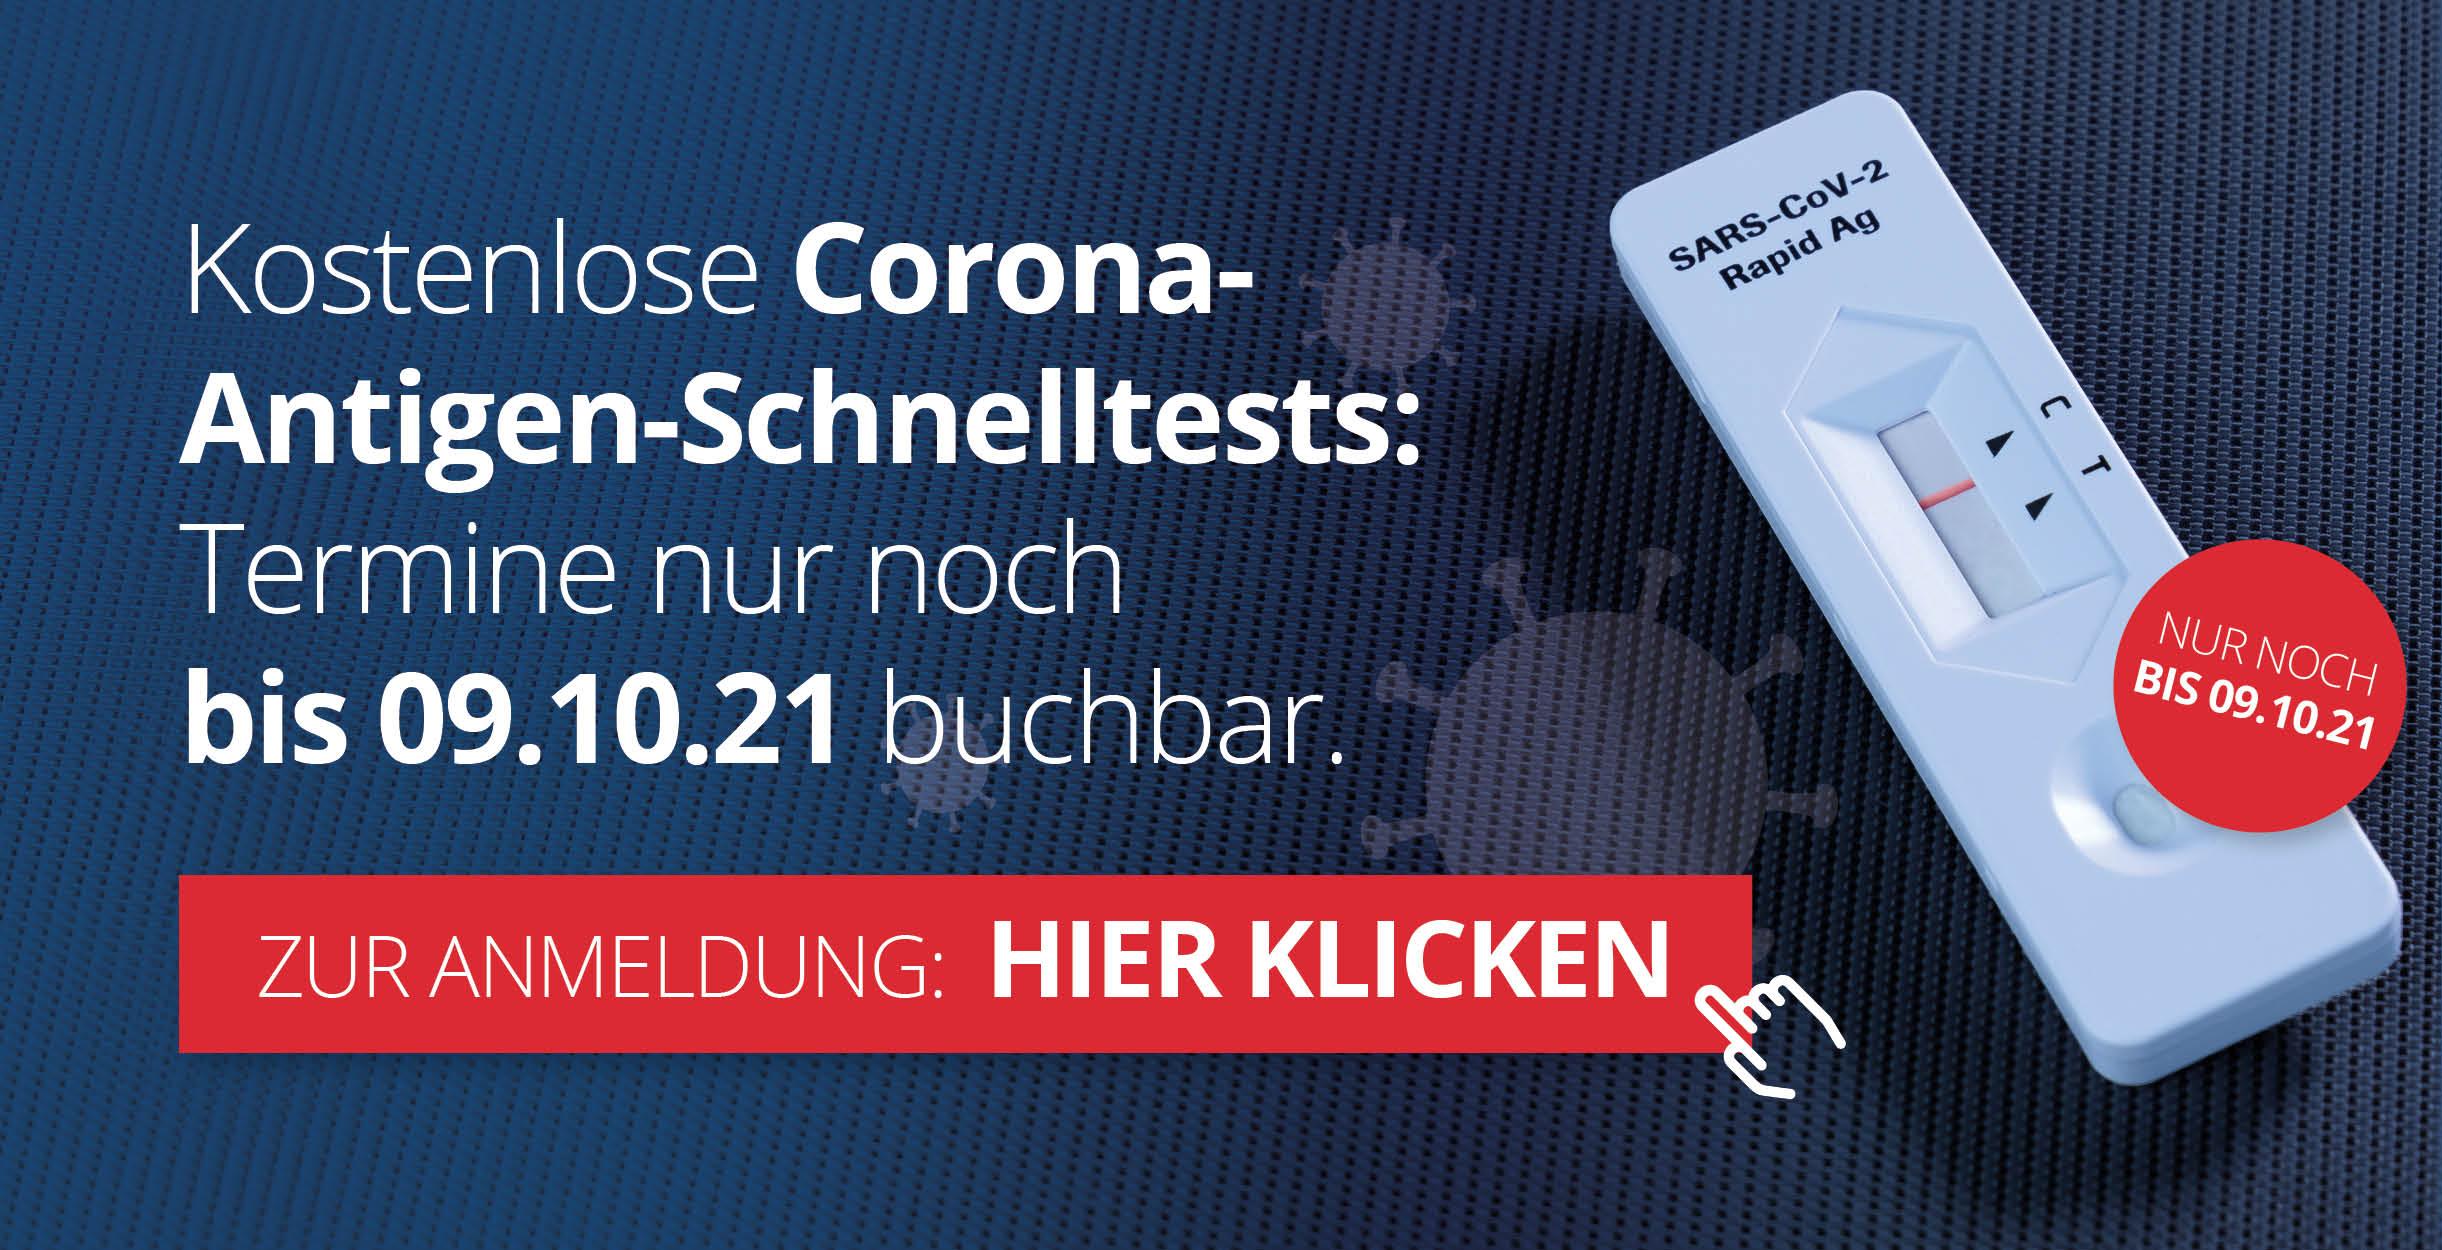 Niemanns Apotheken – Corona-Schnelltest Service